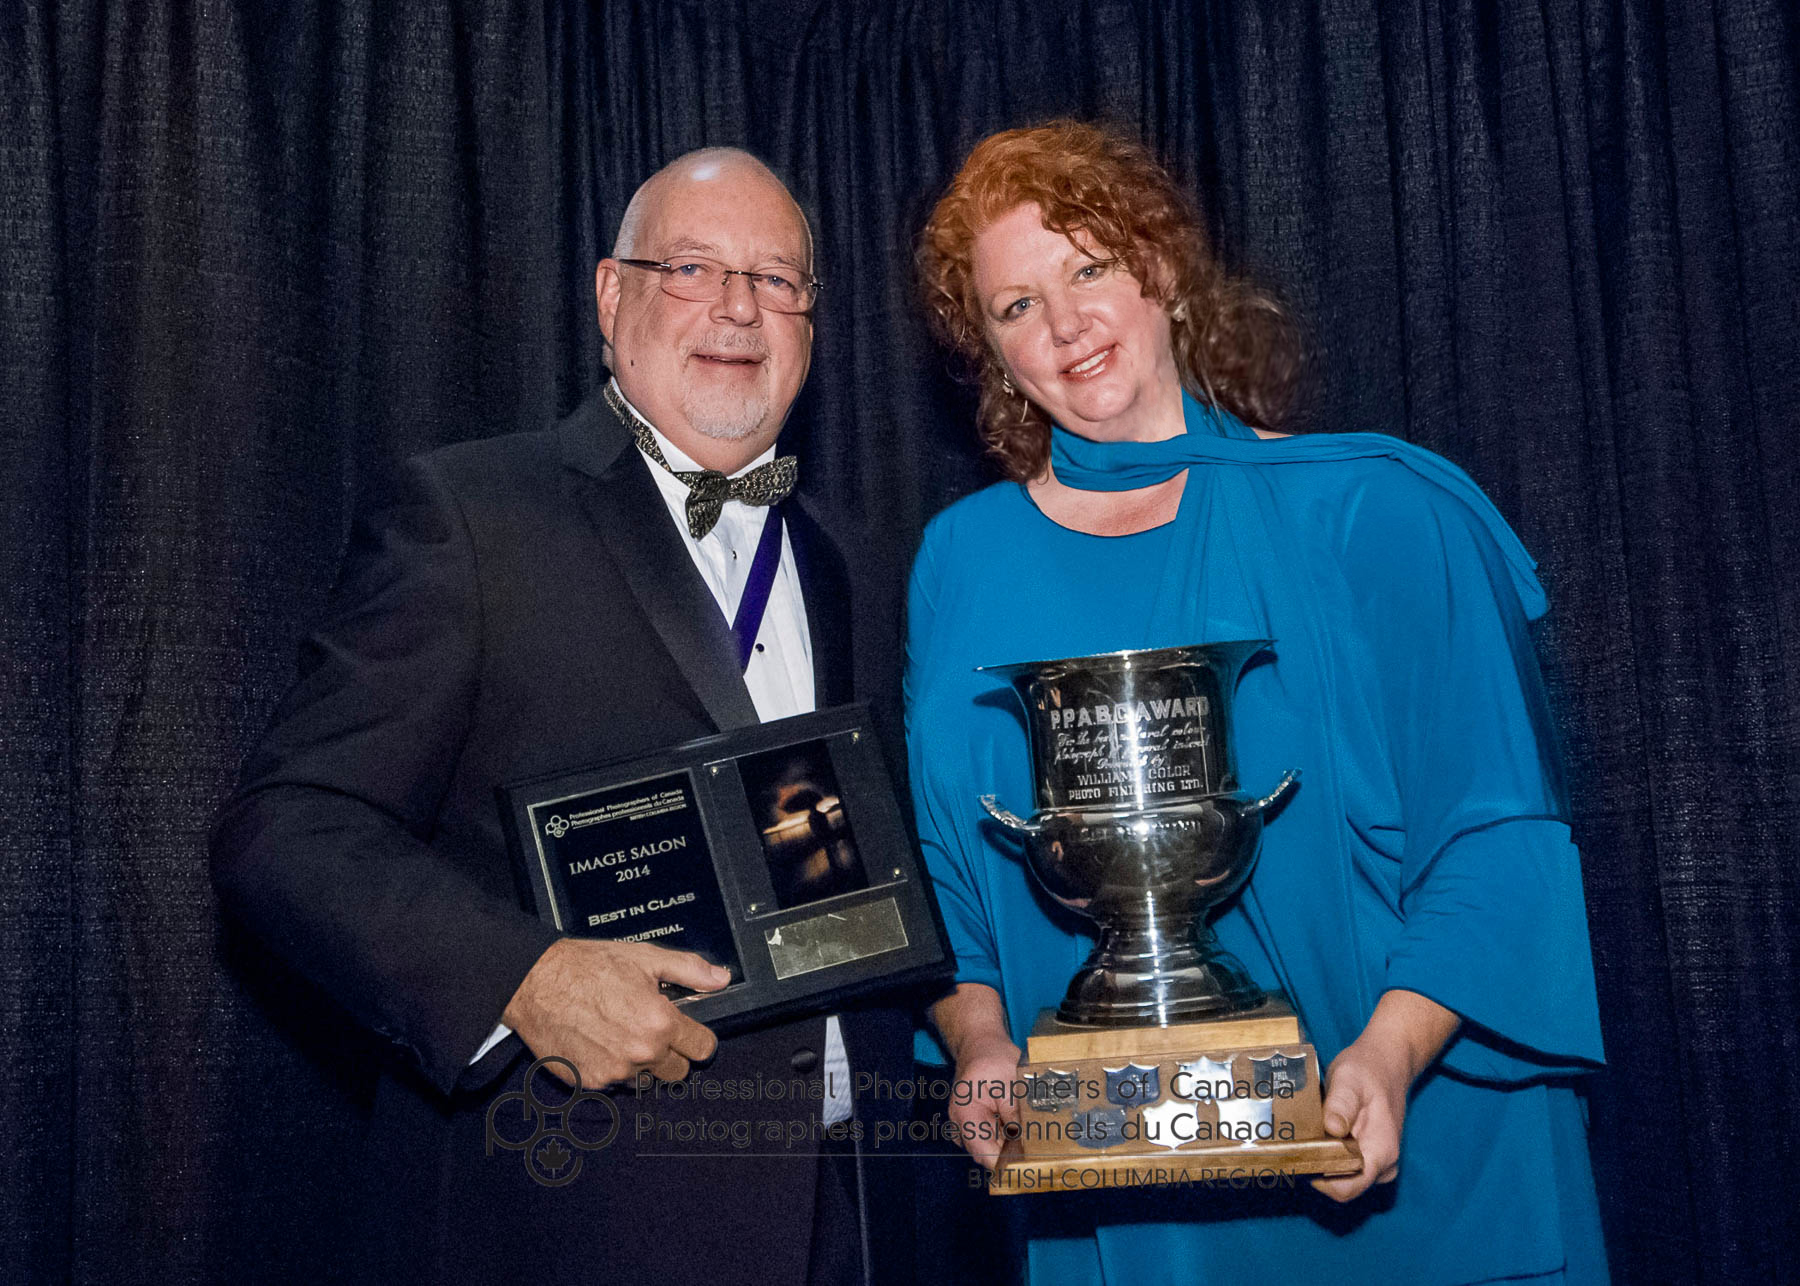 KJ awards